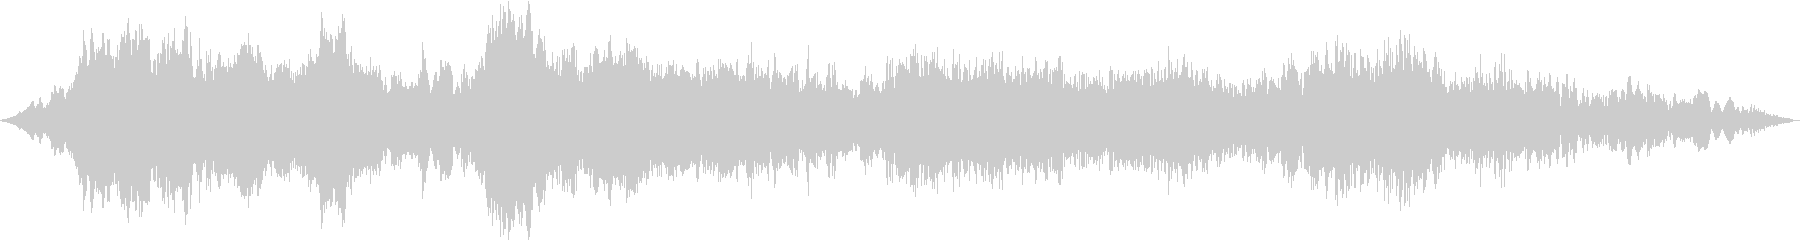 ドローン 逆チャイム01の未再生の波形